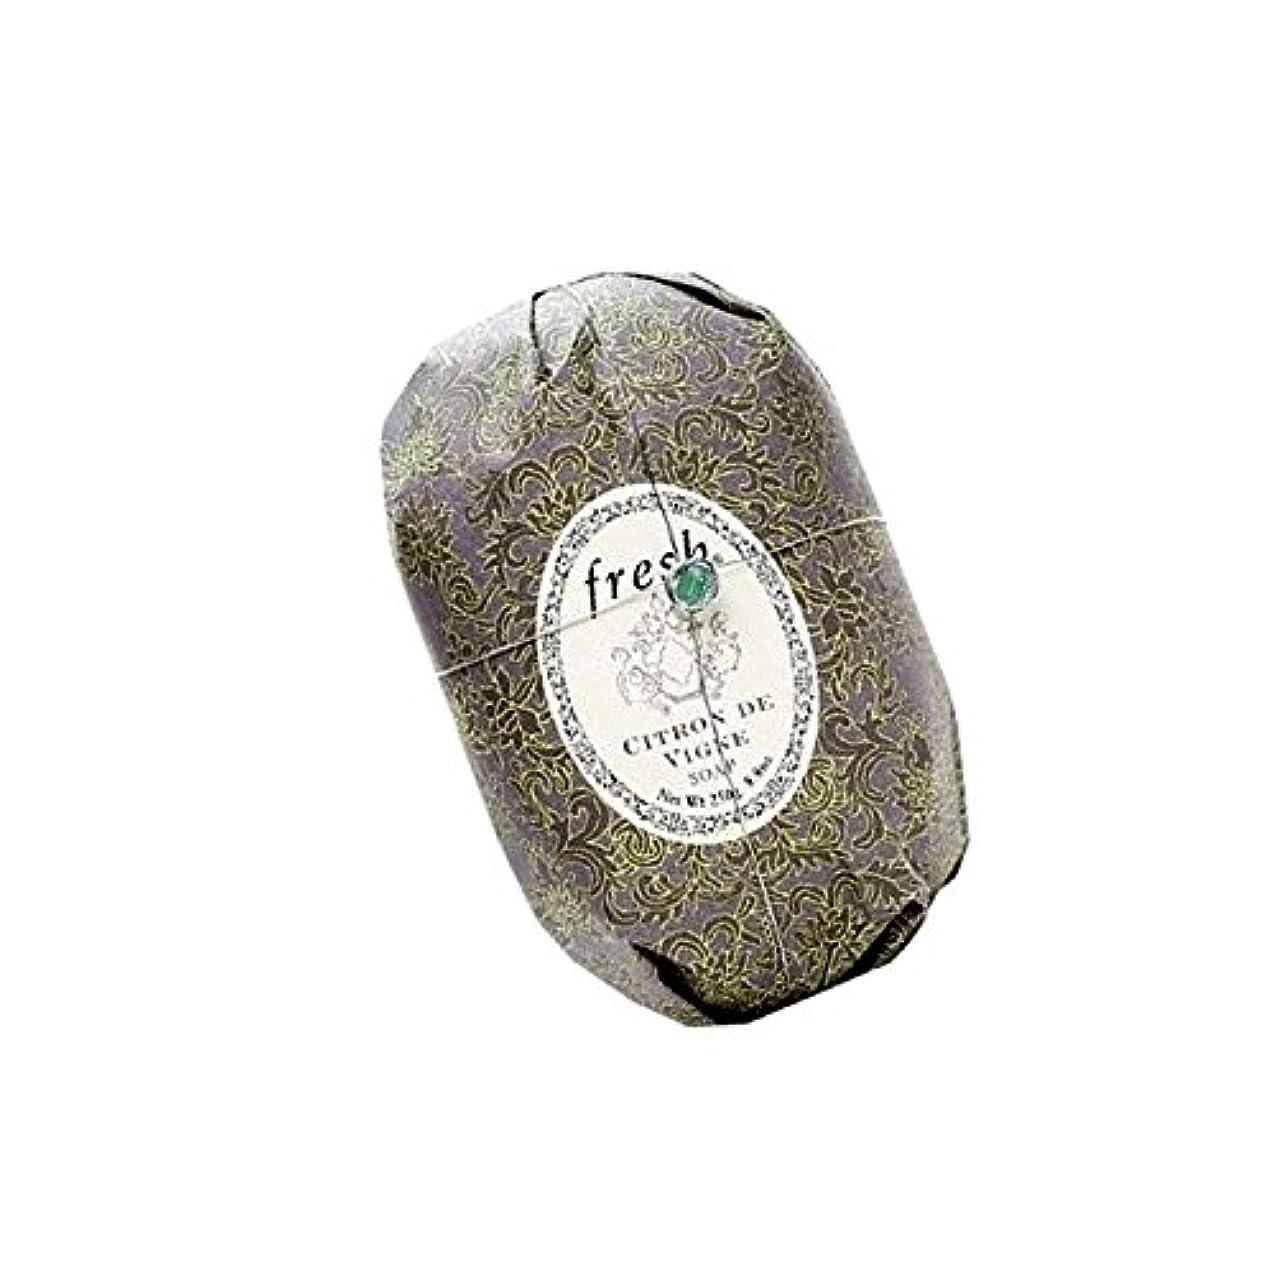 勇気のあるひそかに超越するFresh フレッシュ Citron de Vigne Soap 石鹸, 250g/8.8oz. [海外直送品] [並行輸入品]